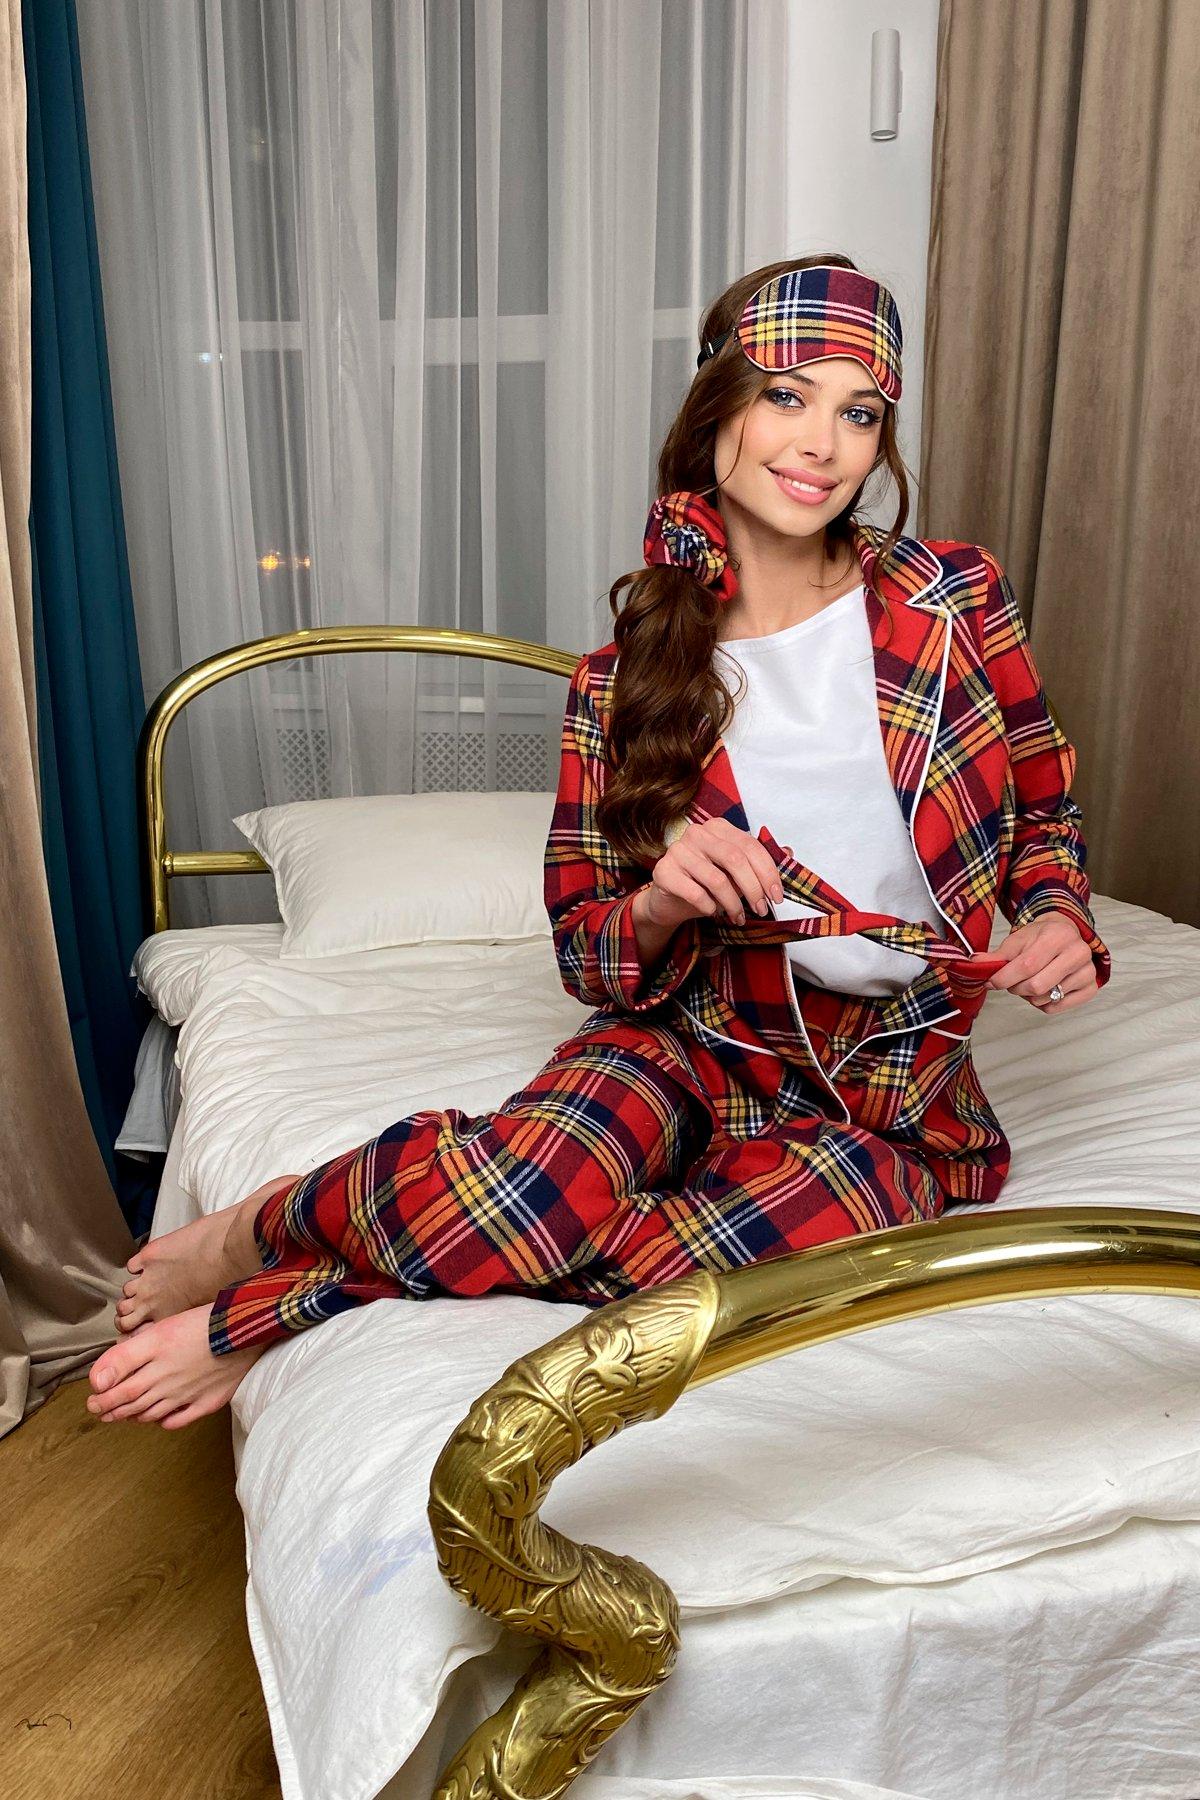 Тедди пижама в клетку из коттона(жакет,футболка,брюки,маска,резинка) 10384 АРТ. 46695 Цвет: Красный/т.синий - фото 5, интернет магазин tm-modus.ru